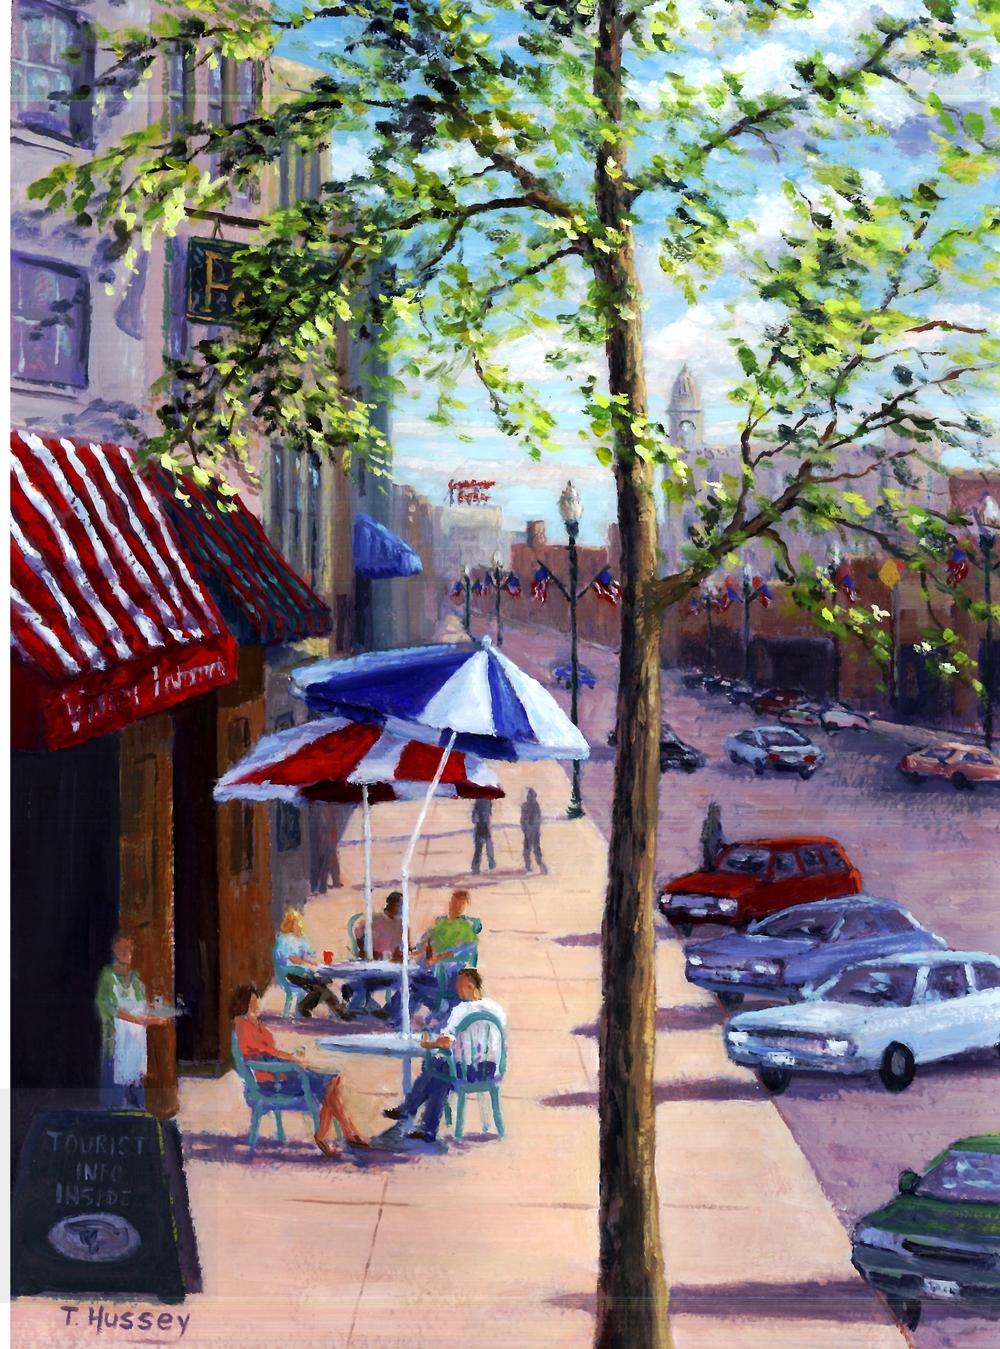 Genesee Street by Artist Tom Hussey